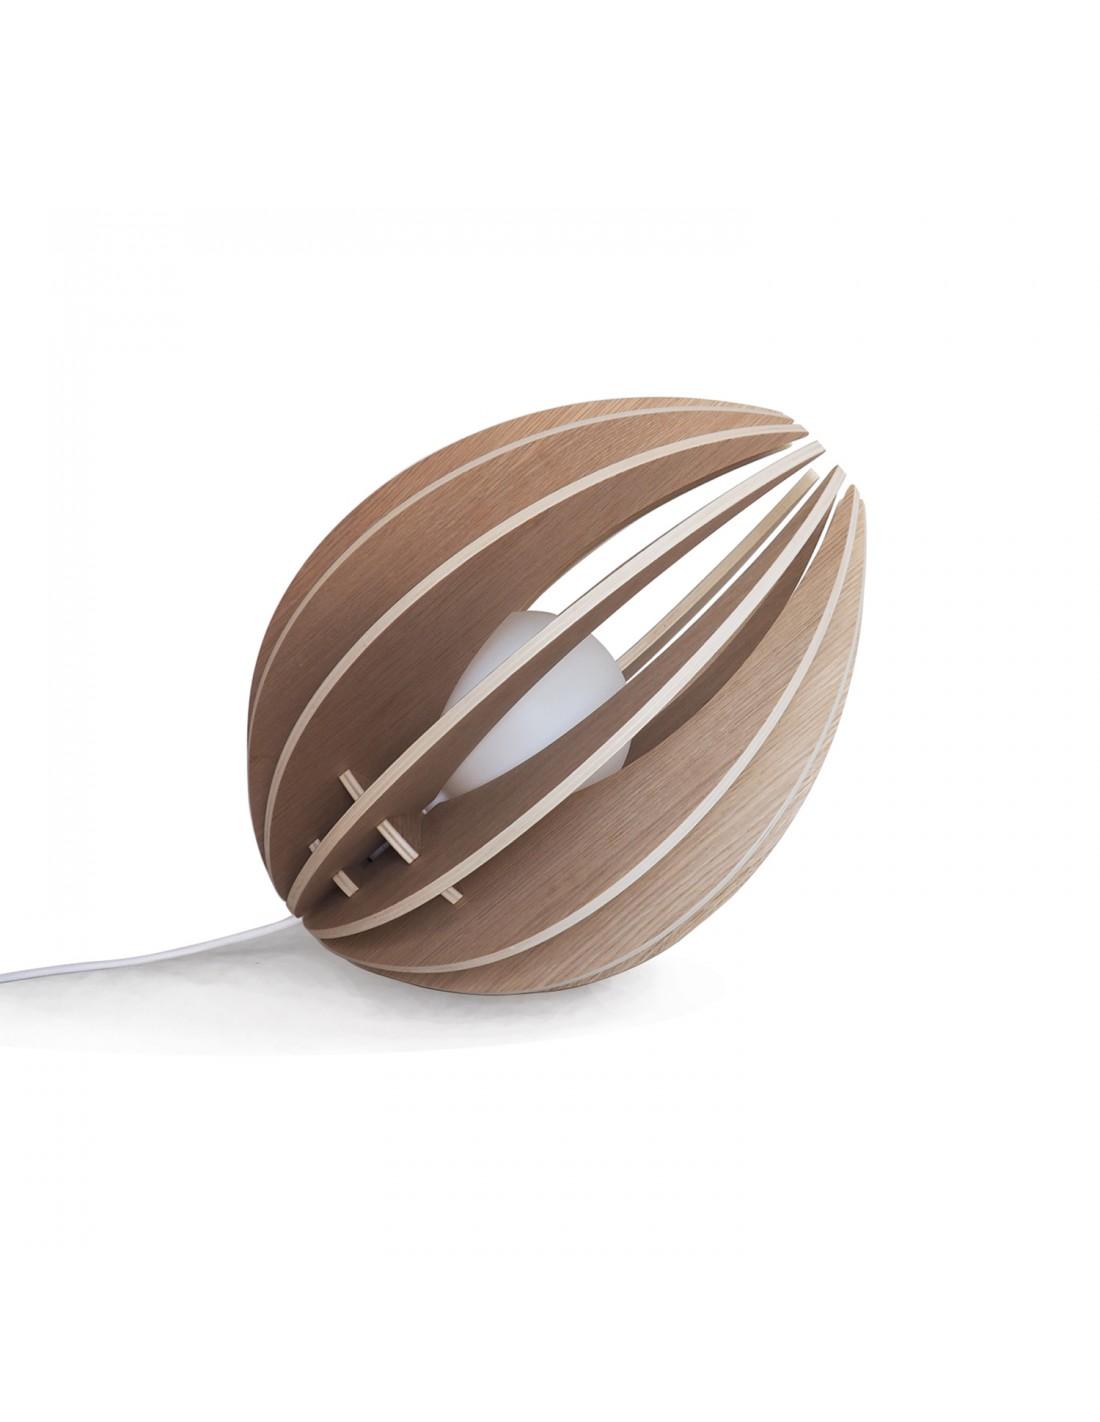 Lampe à poser en bois chêne naturel avec fil blanc